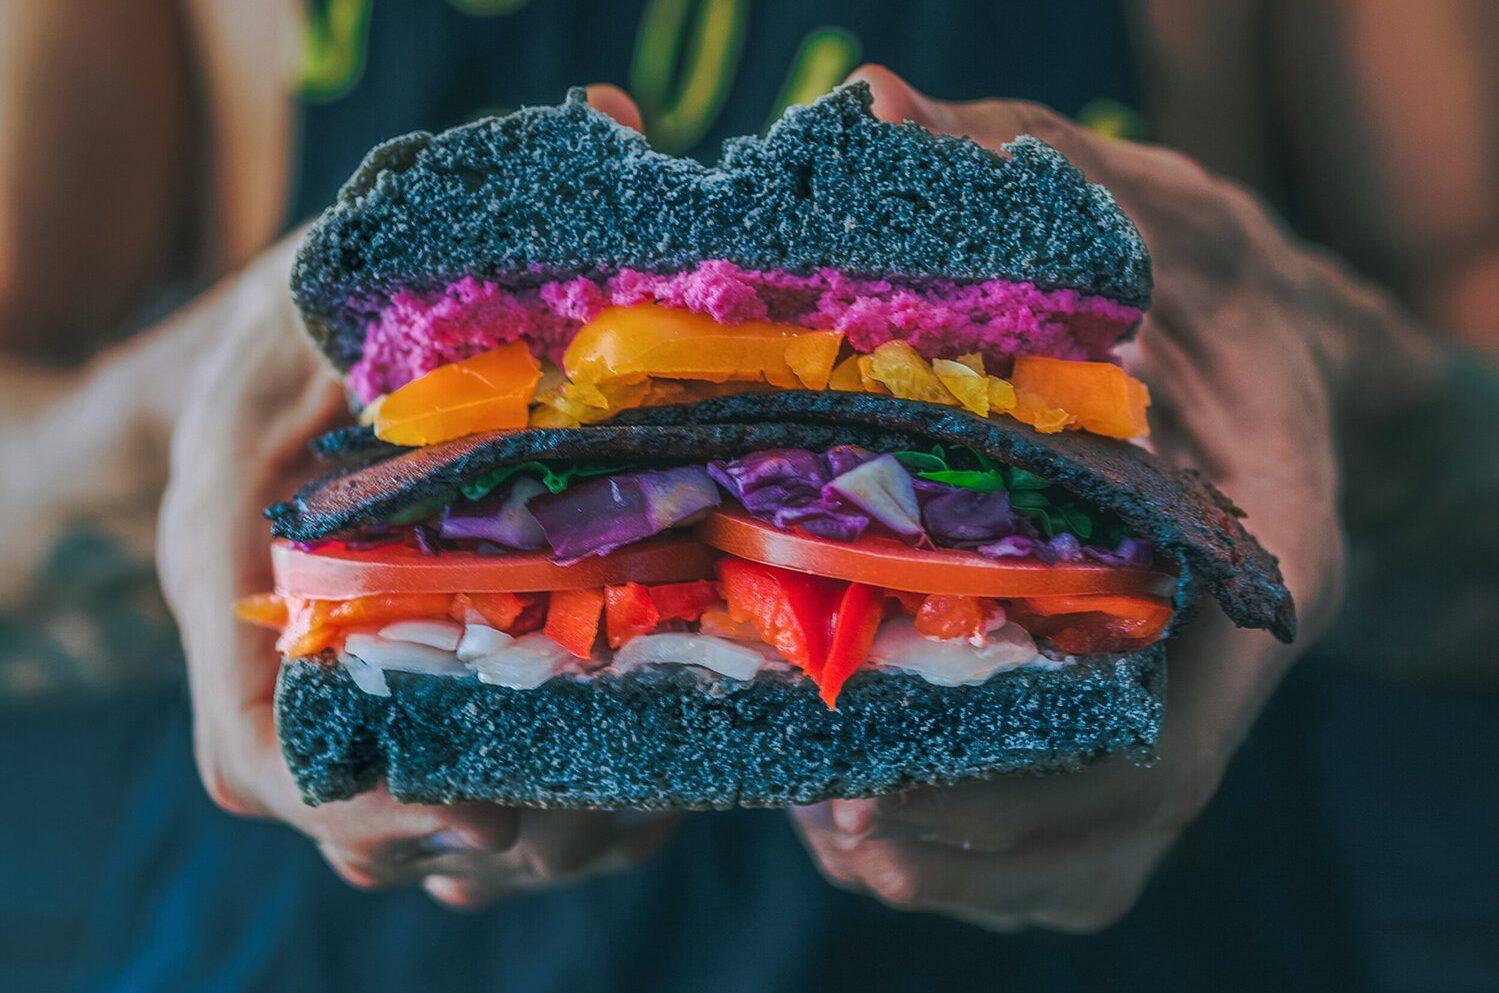 Veganski burger, prehrana za vegane